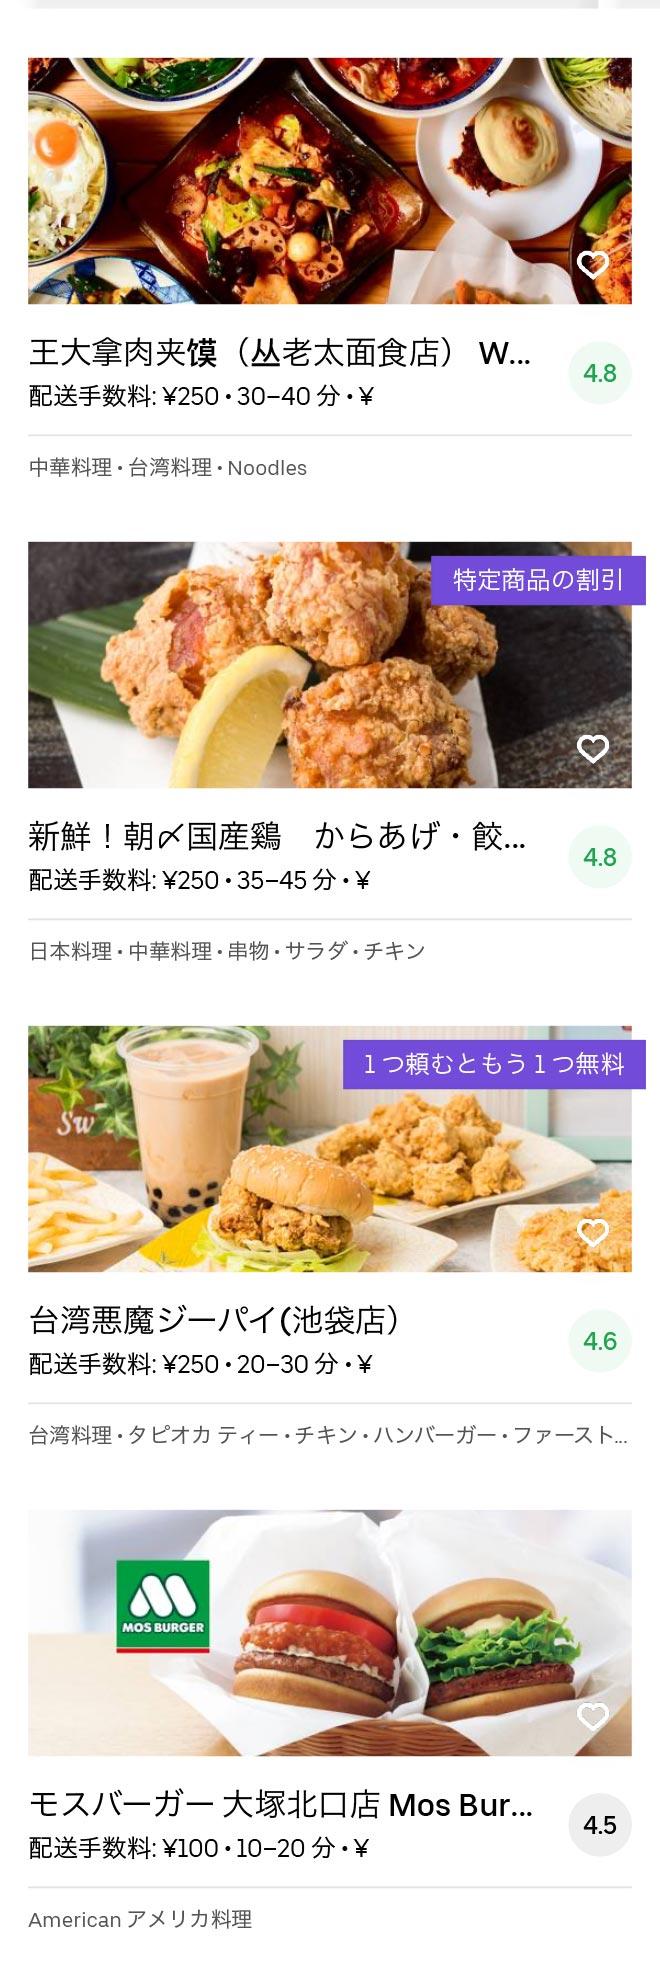 Tokyo otsuka menu 2005 03